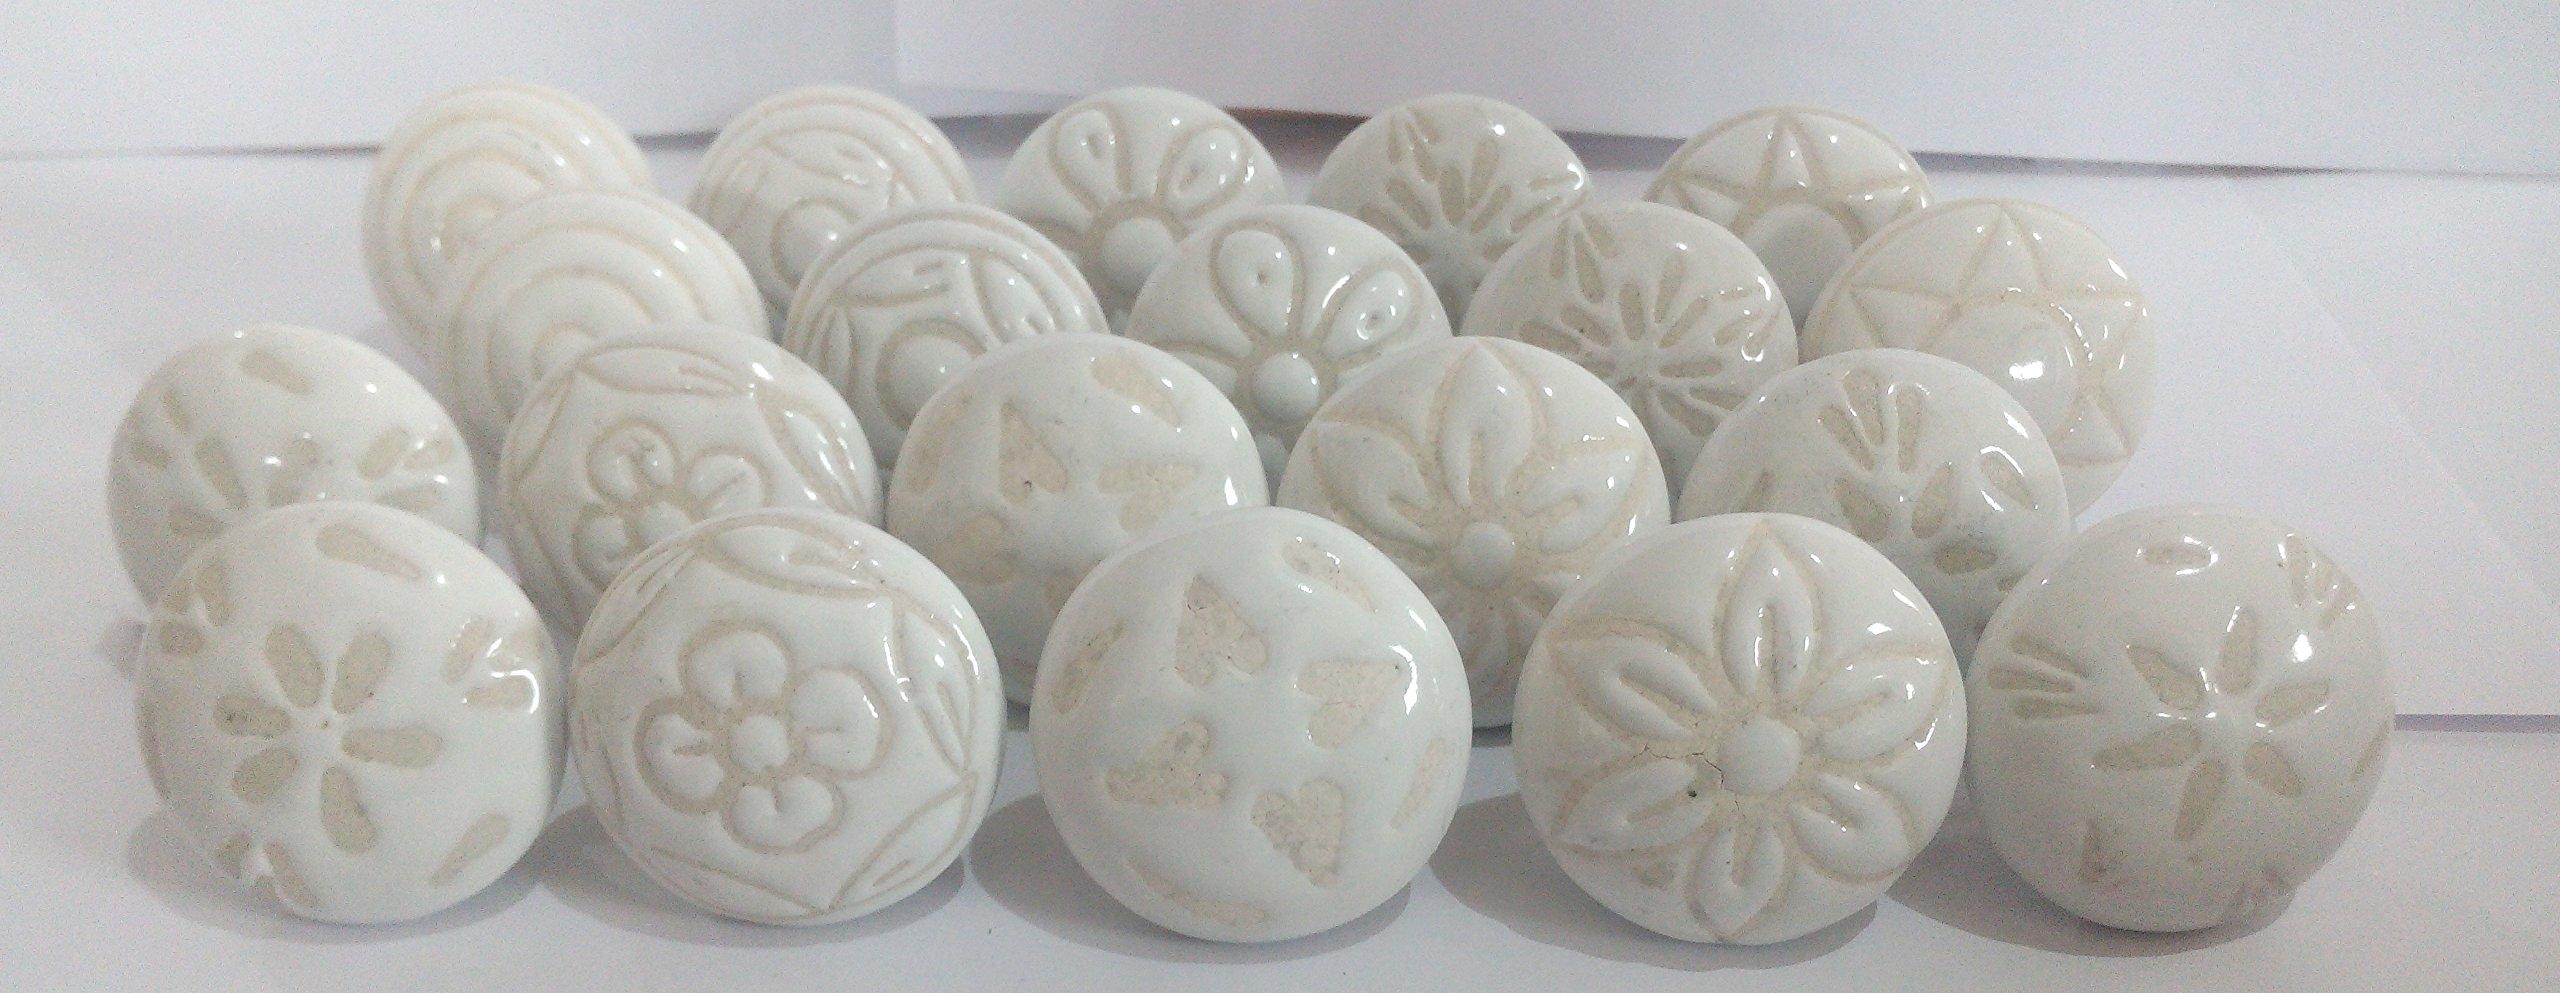 20 Tiradores de Ceramica / Porcelana (7371XYV5)